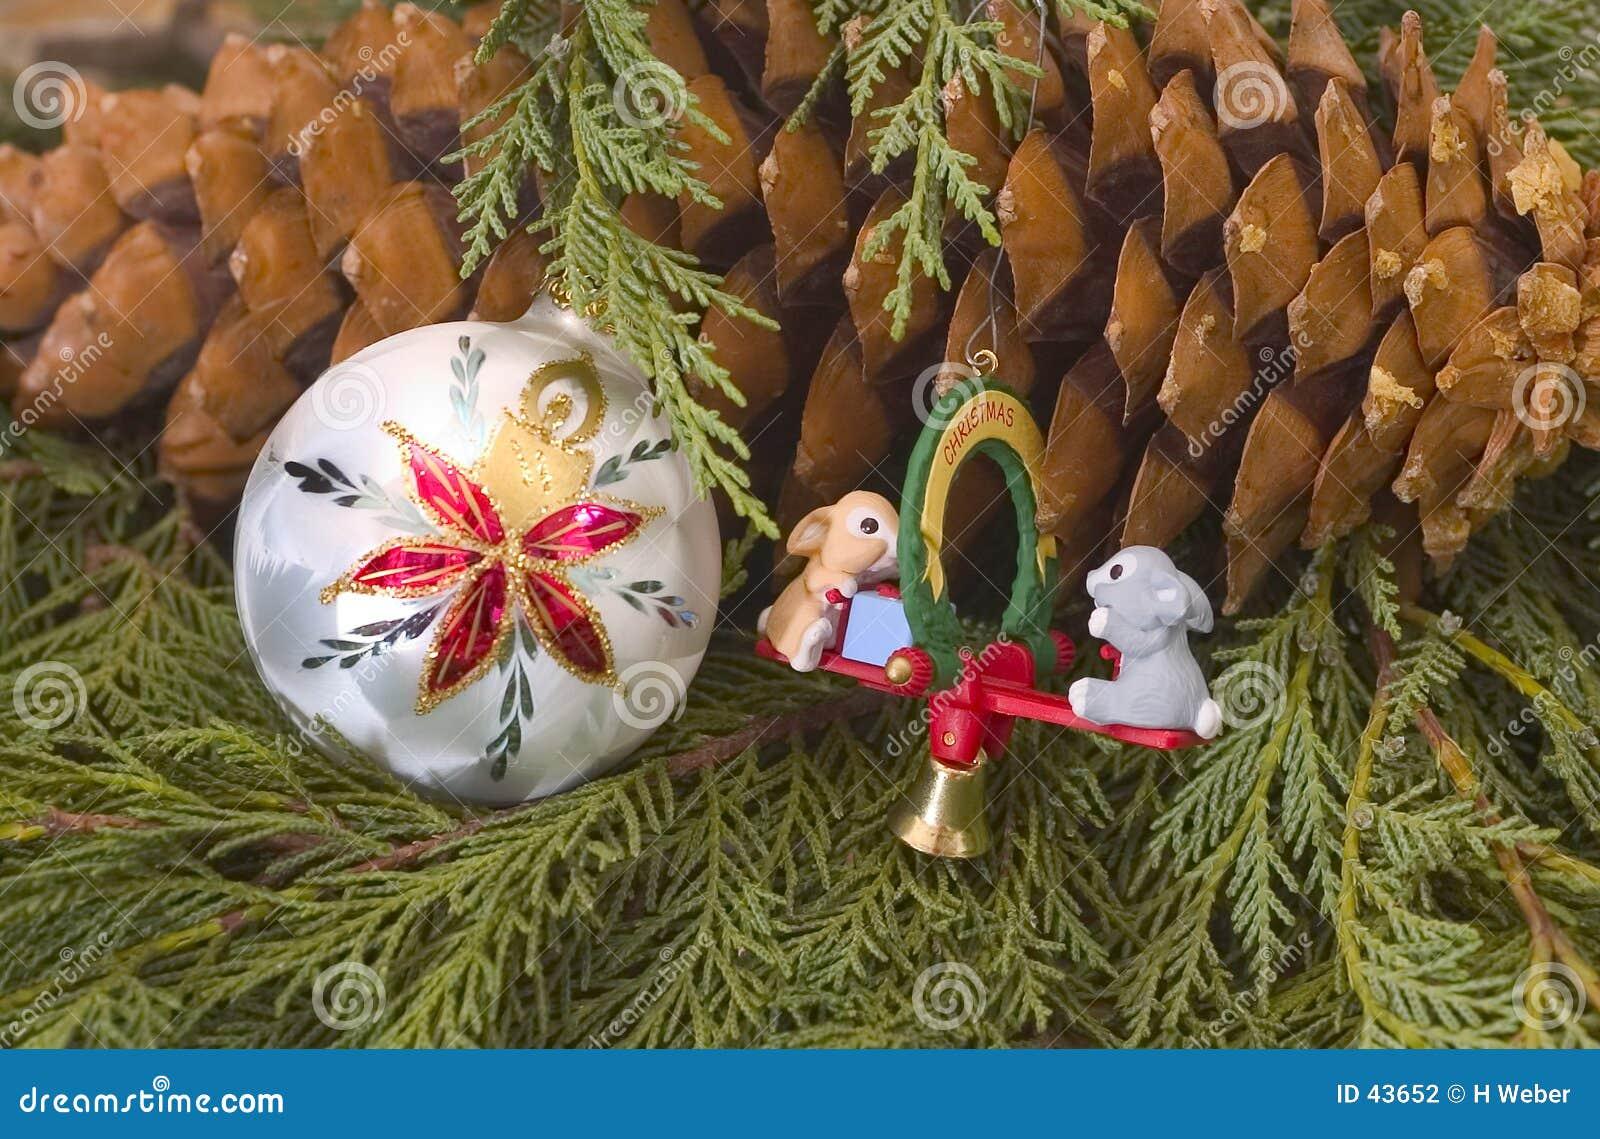 Download Weihnachtsbaum-Dekoration stockfoto. Bild von handmade, verzierungen - 43652